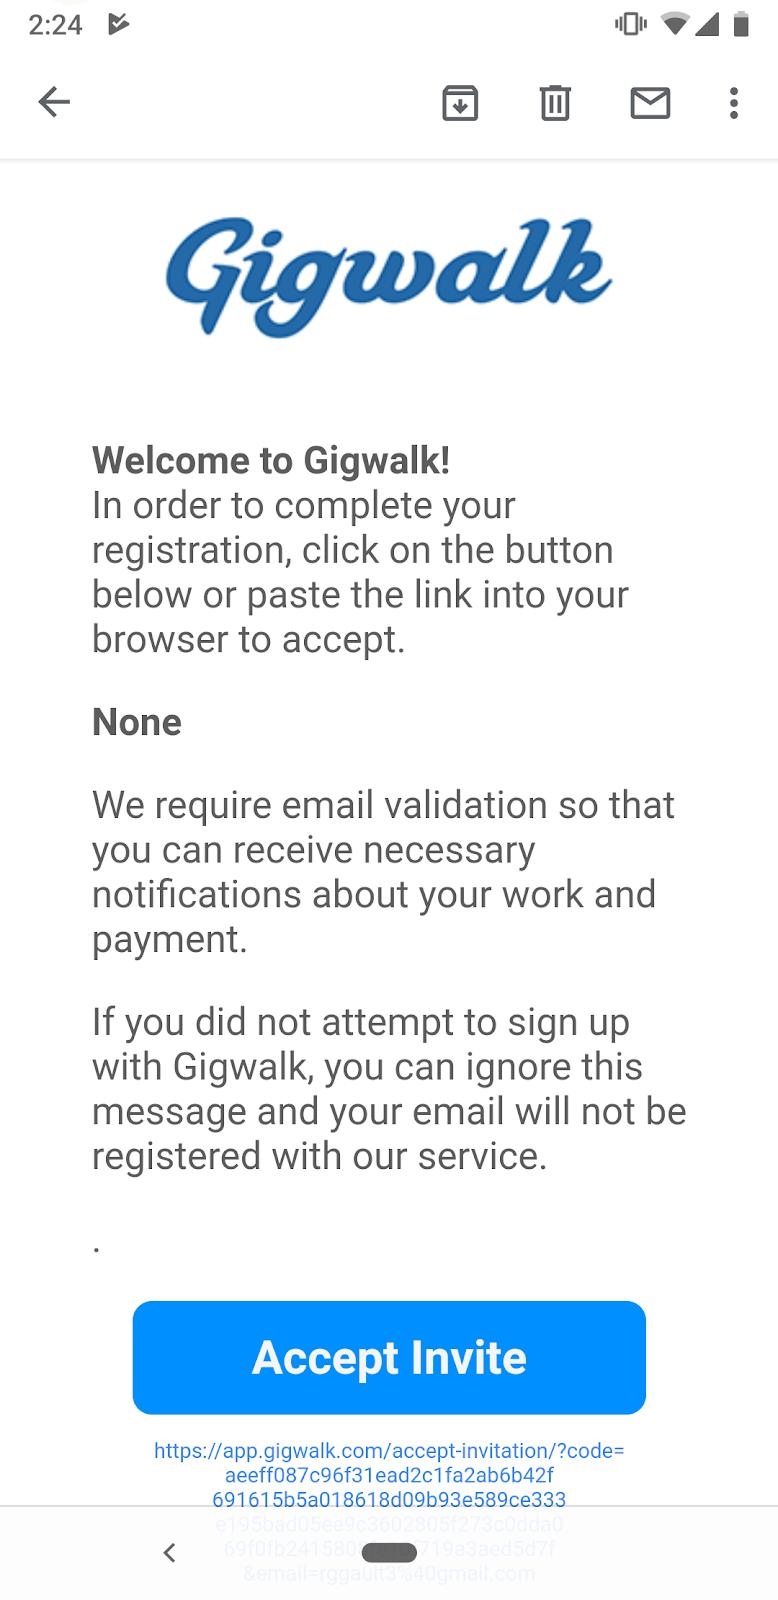 La página de validación de correo electrónico en la aplicación Gigwalk